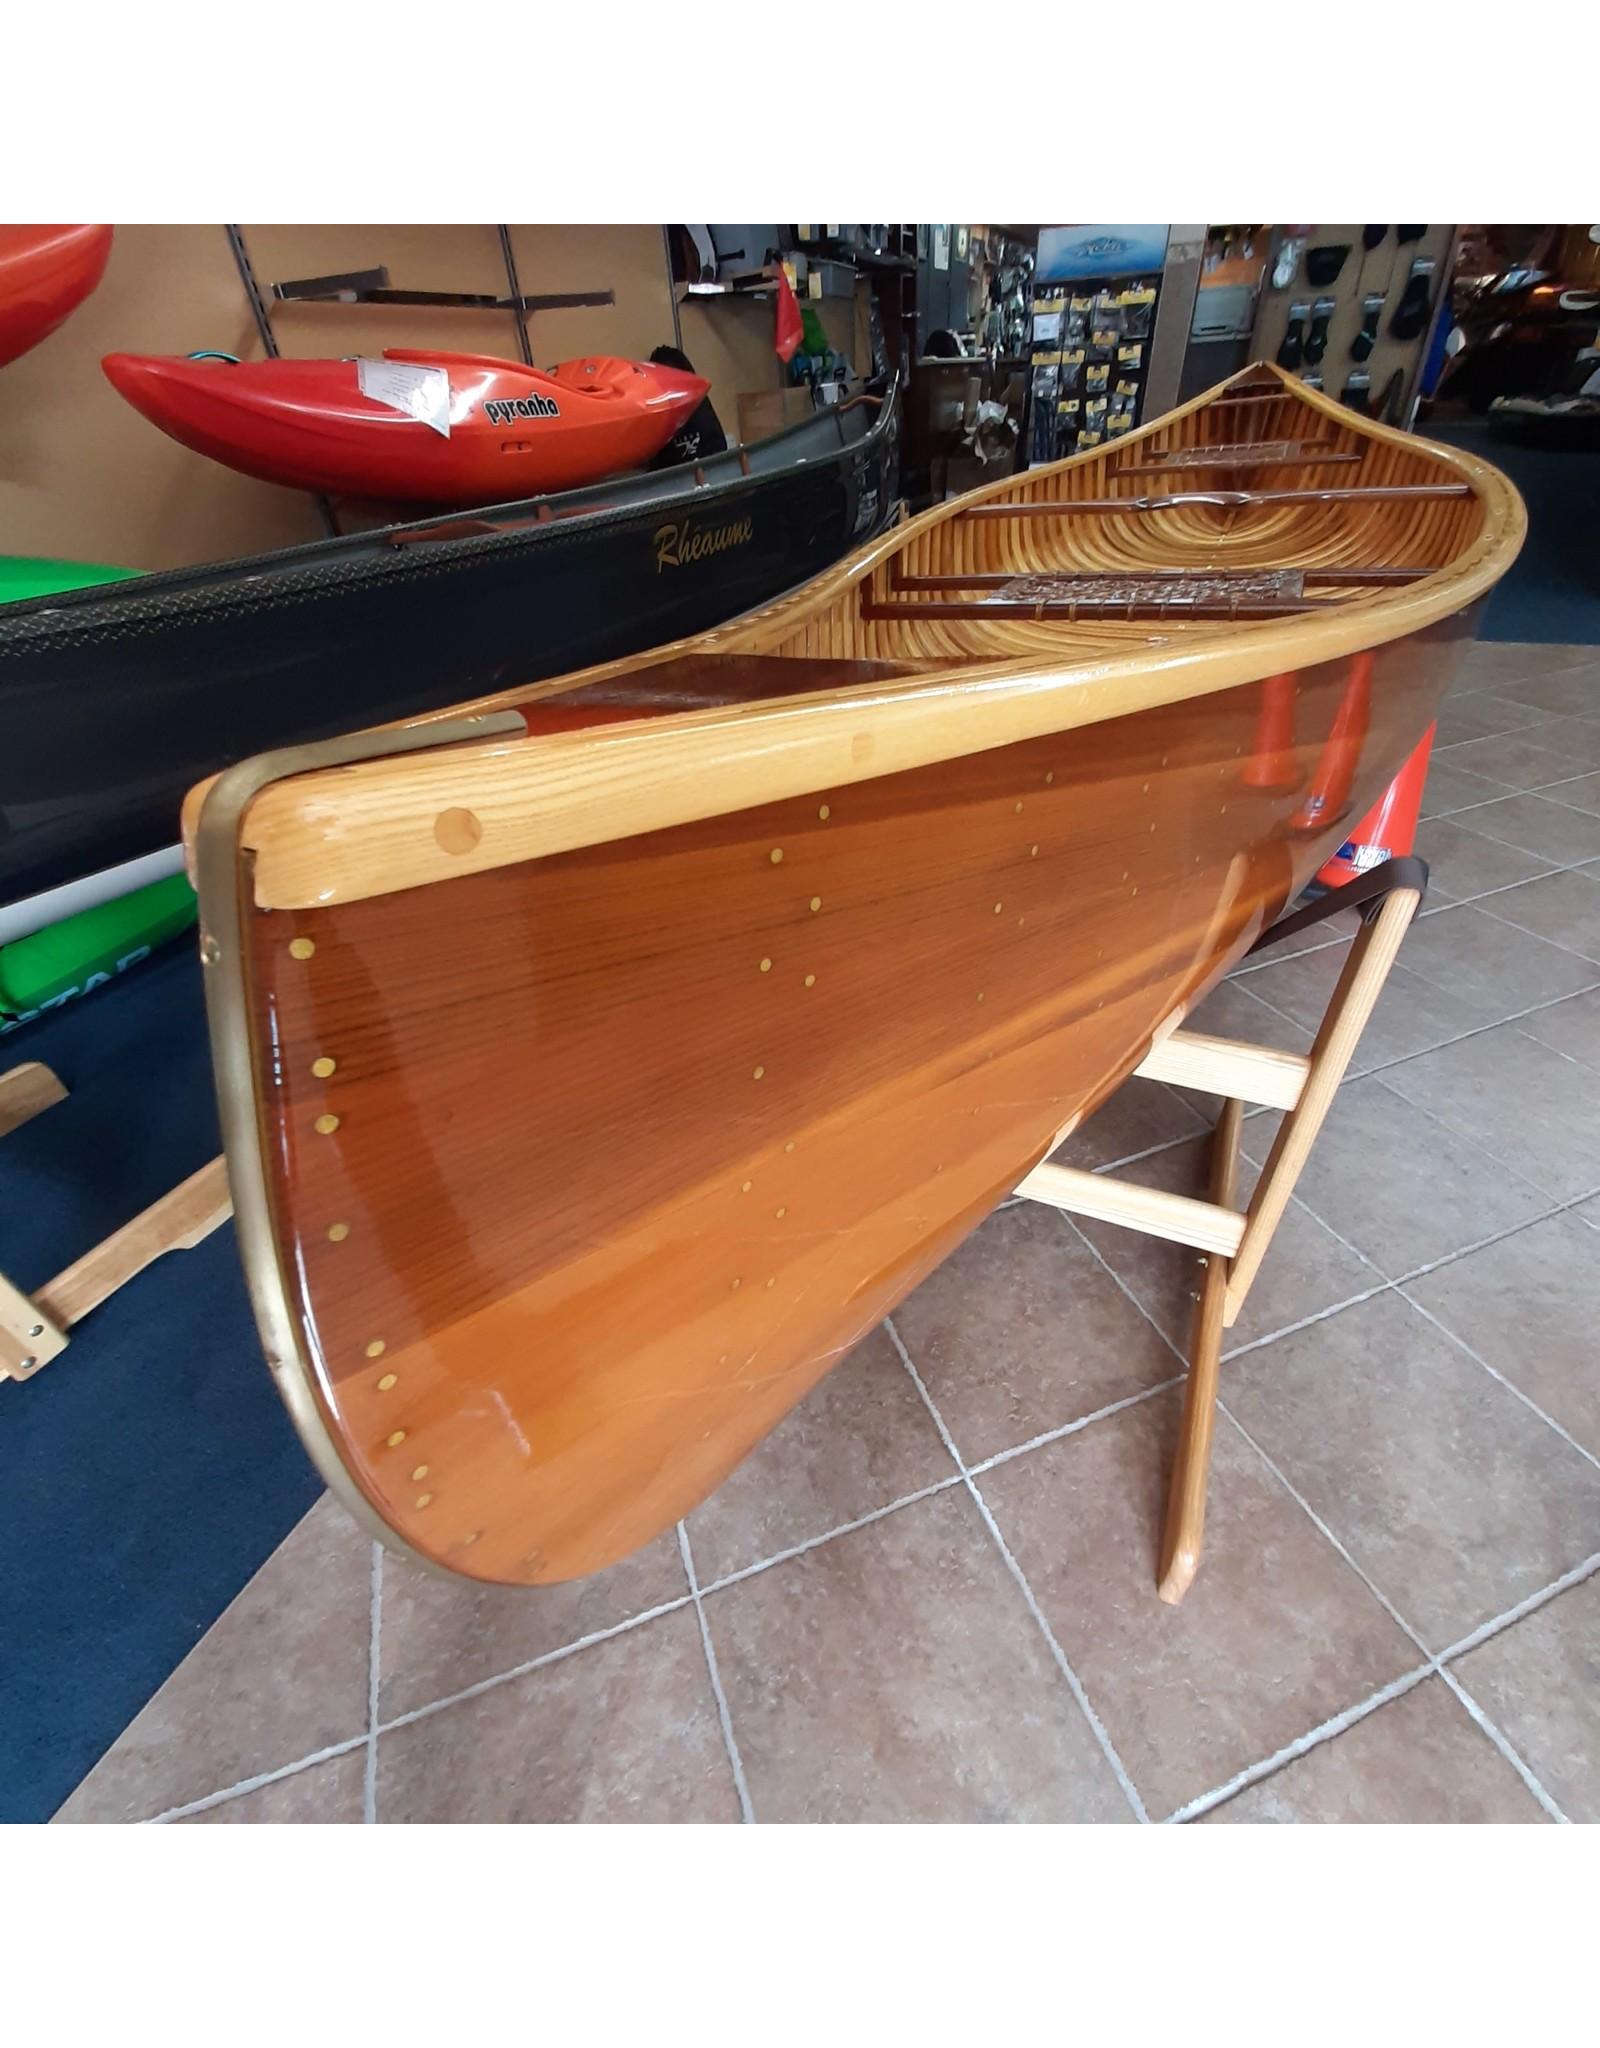 Canots Rhéaume Rhéaume canoe Mohawk 14 'cedar